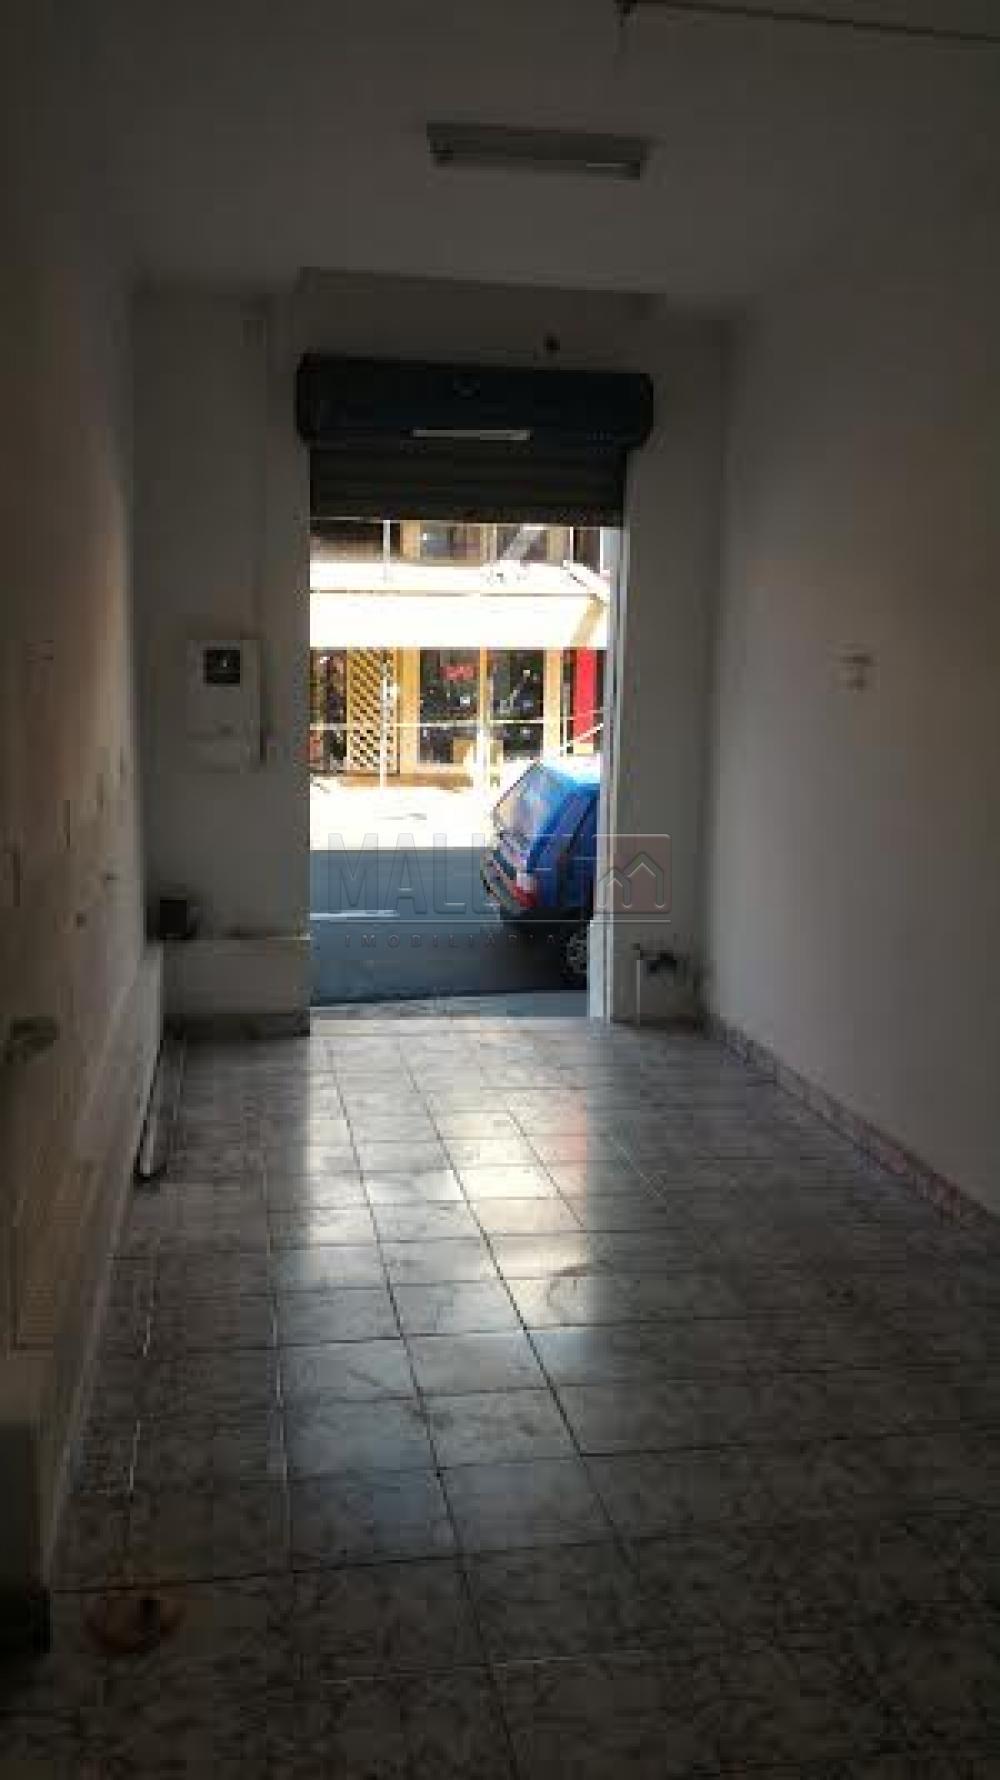 Alugar Comerciais / Sala em Olímpia apenas R$ 900,00 - Foto 2